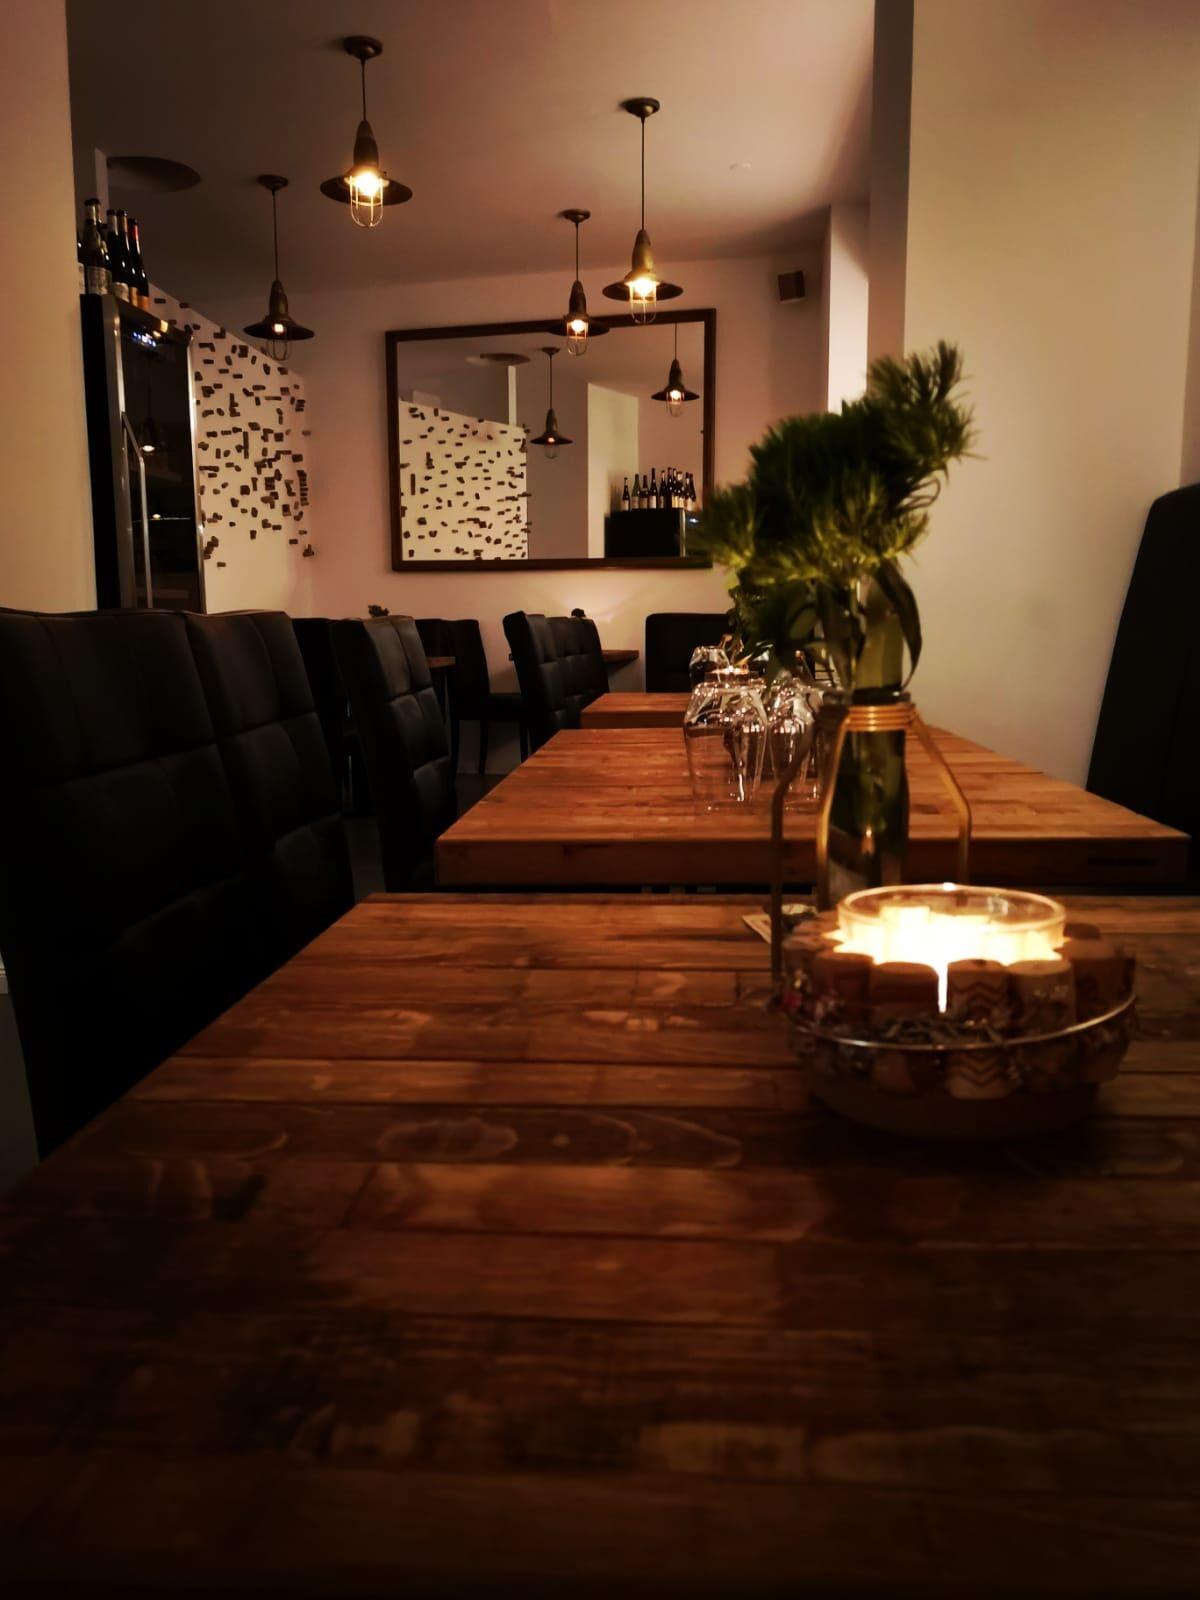 Unsere wunderschönen Tische im Laden gefertigt aus alten Weinfässer